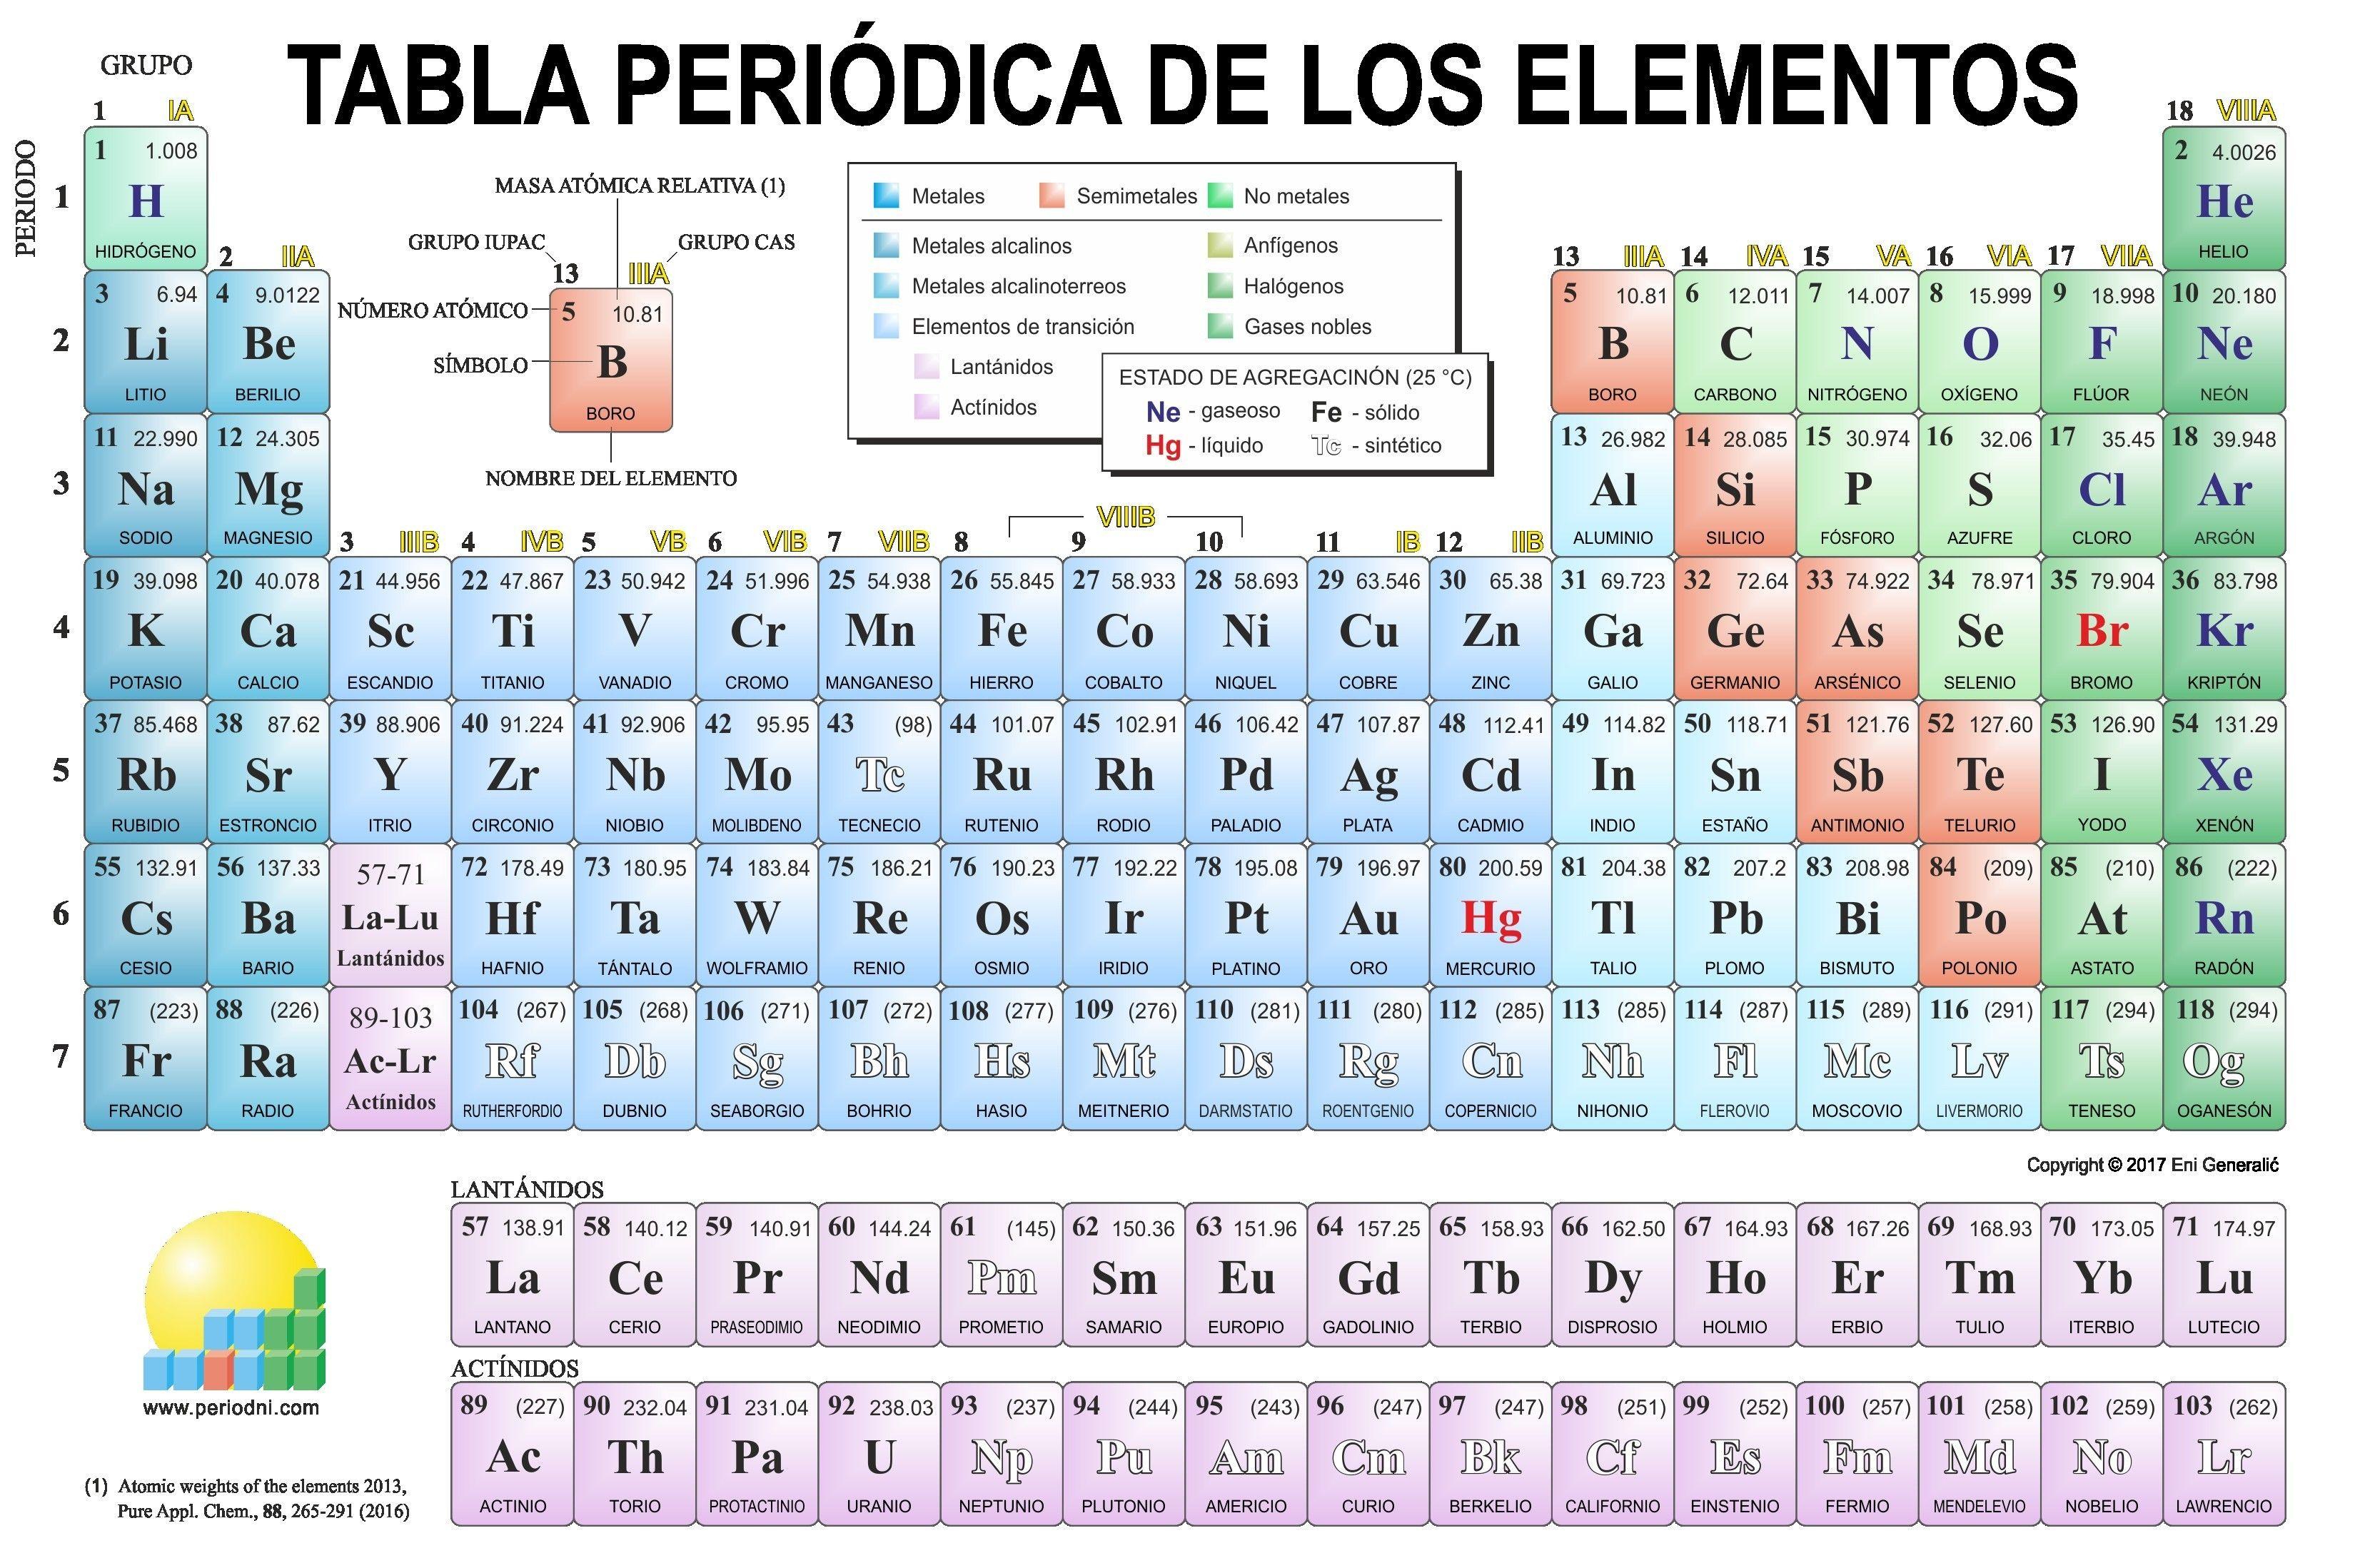 Tabla Periodica De Los Elementos Quimicos Distribucion